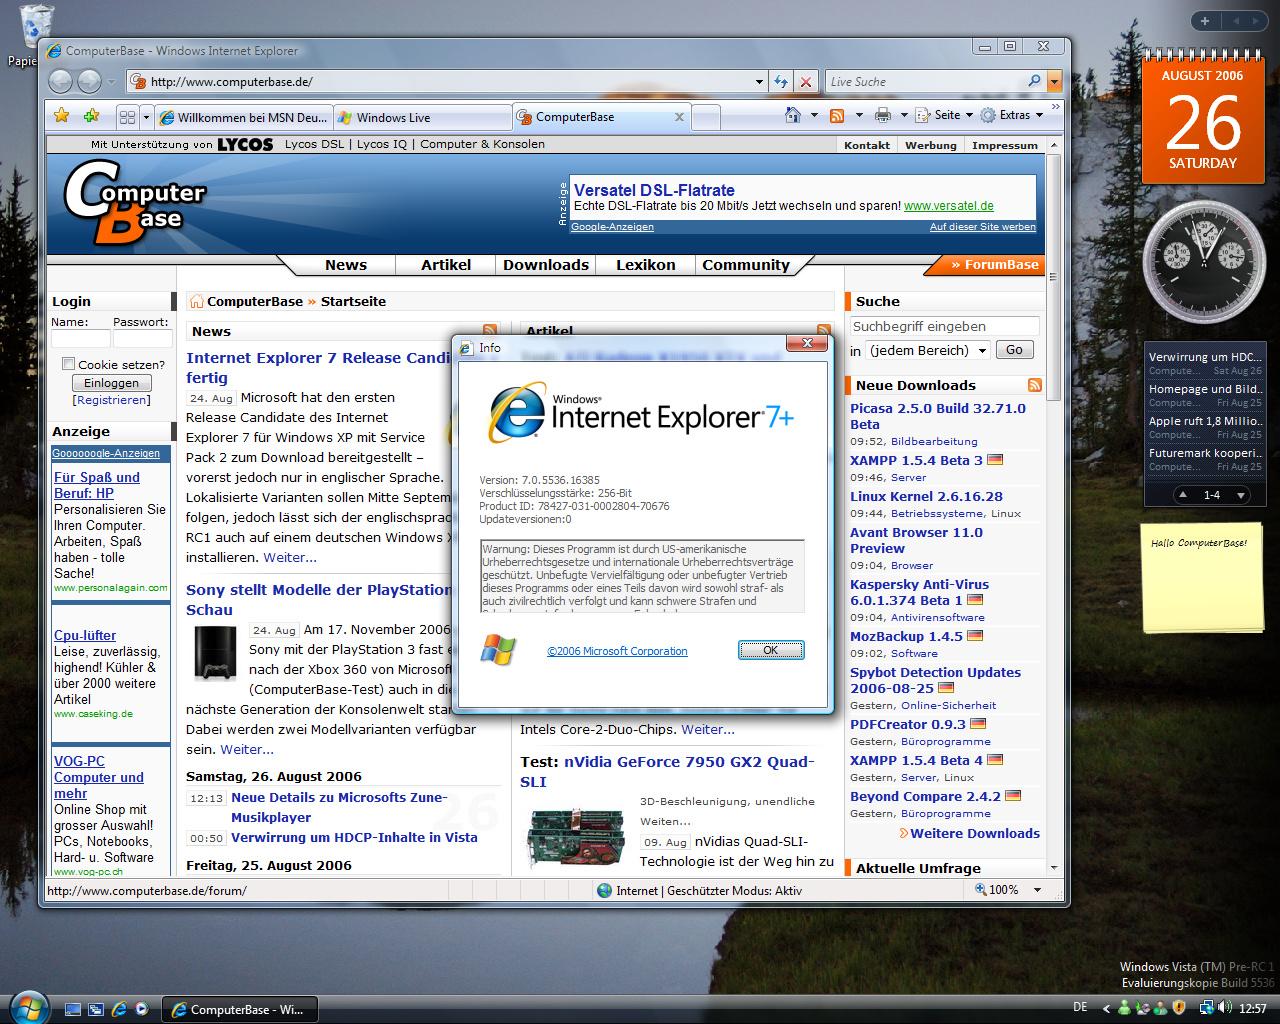 Windows Vista Build 5536 - Internet Explorer 7.0 meldet sich noch als 7+. Das wird sich bis zur fertigen Version ändern